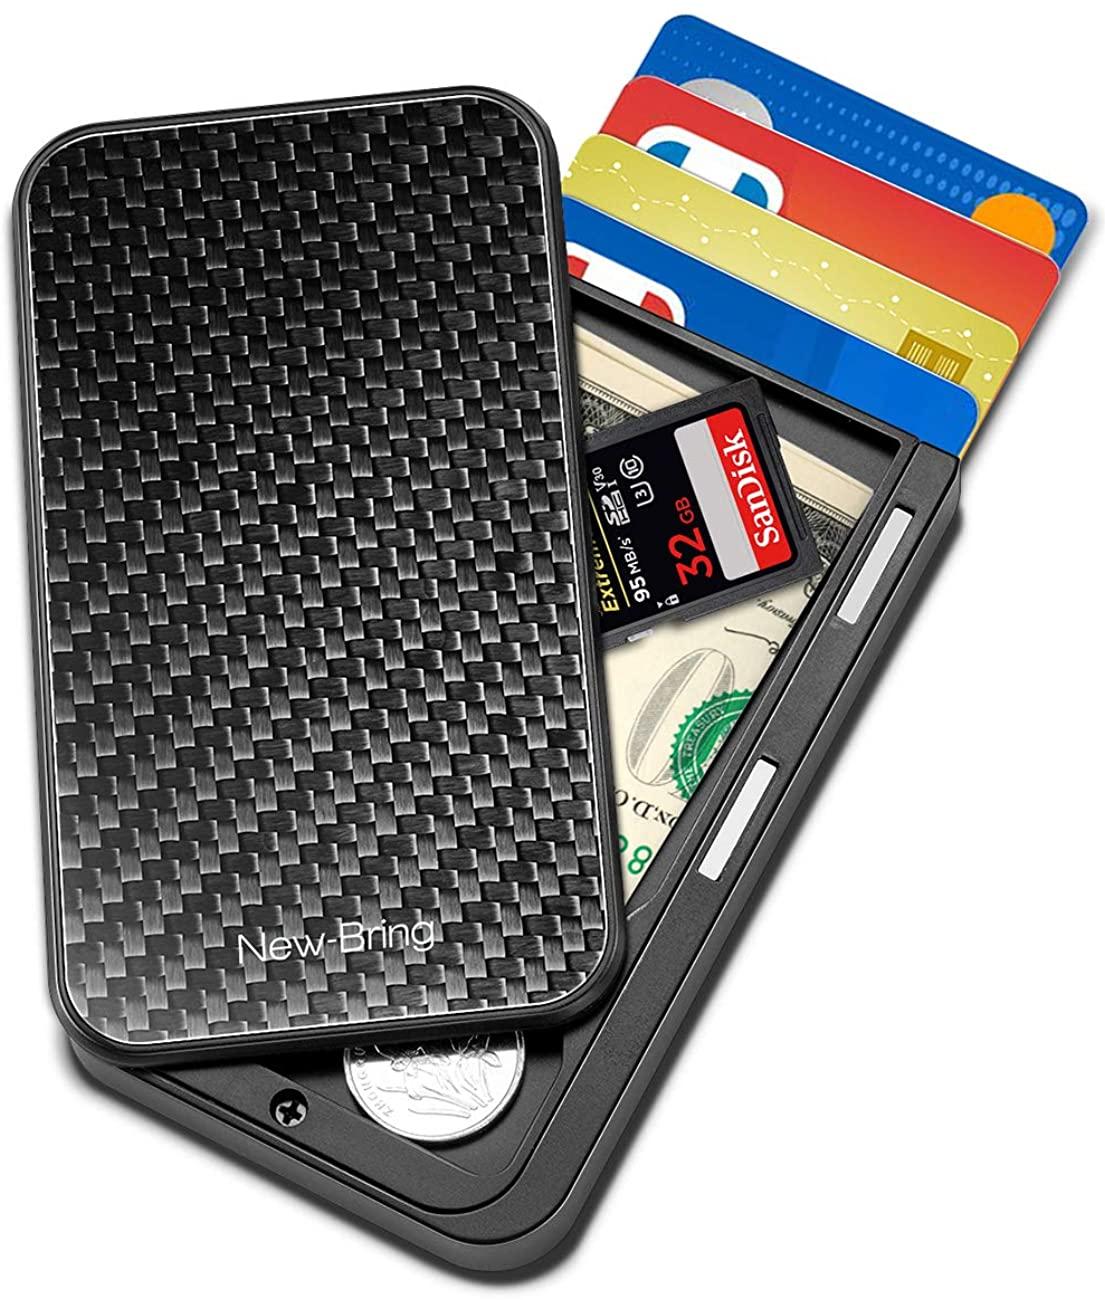 New-Bring Flip Credit Card Holder Novelty Wallet for Men Slim Front Pocket RFID Money Clip